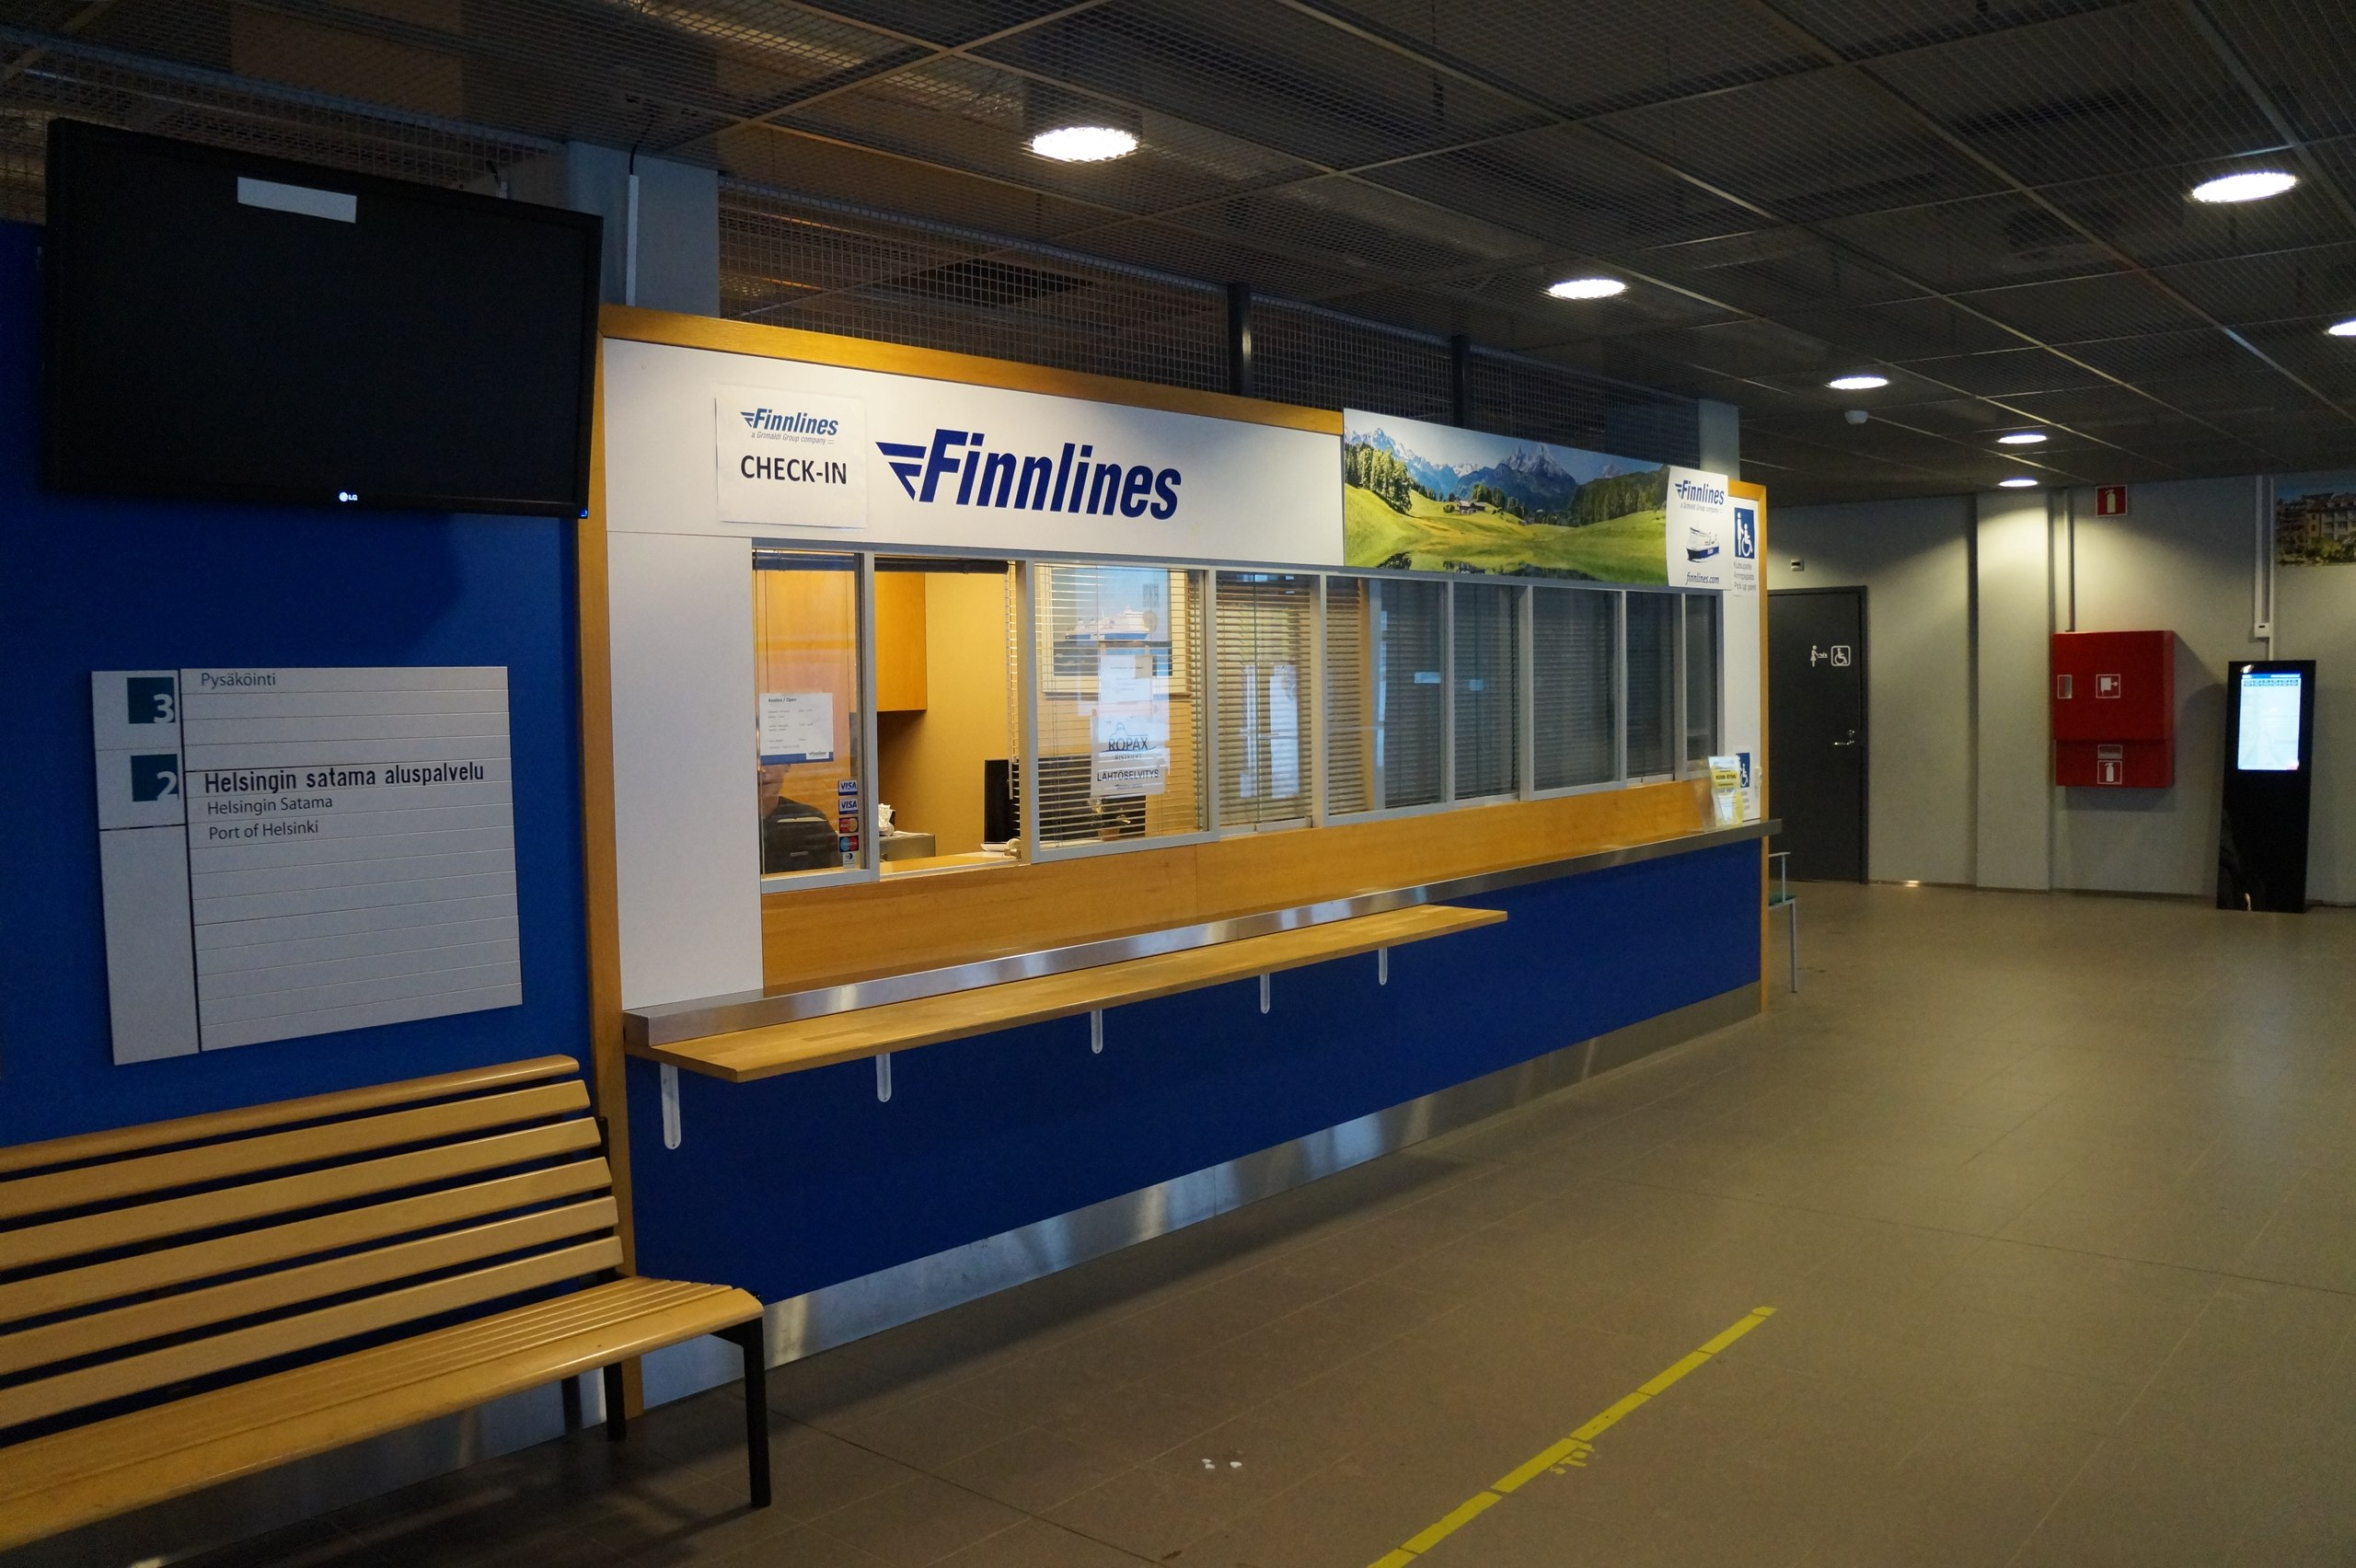 Пересекаем Балтику. Все о паромах компании Finnlines пароме, только, можно, едете, билеты, больше, каюта, Хельсинки, потому, места, посадку, таком, кушать, палубы, поэтому, транспорта, самое, алкоголем, России, Подробнее